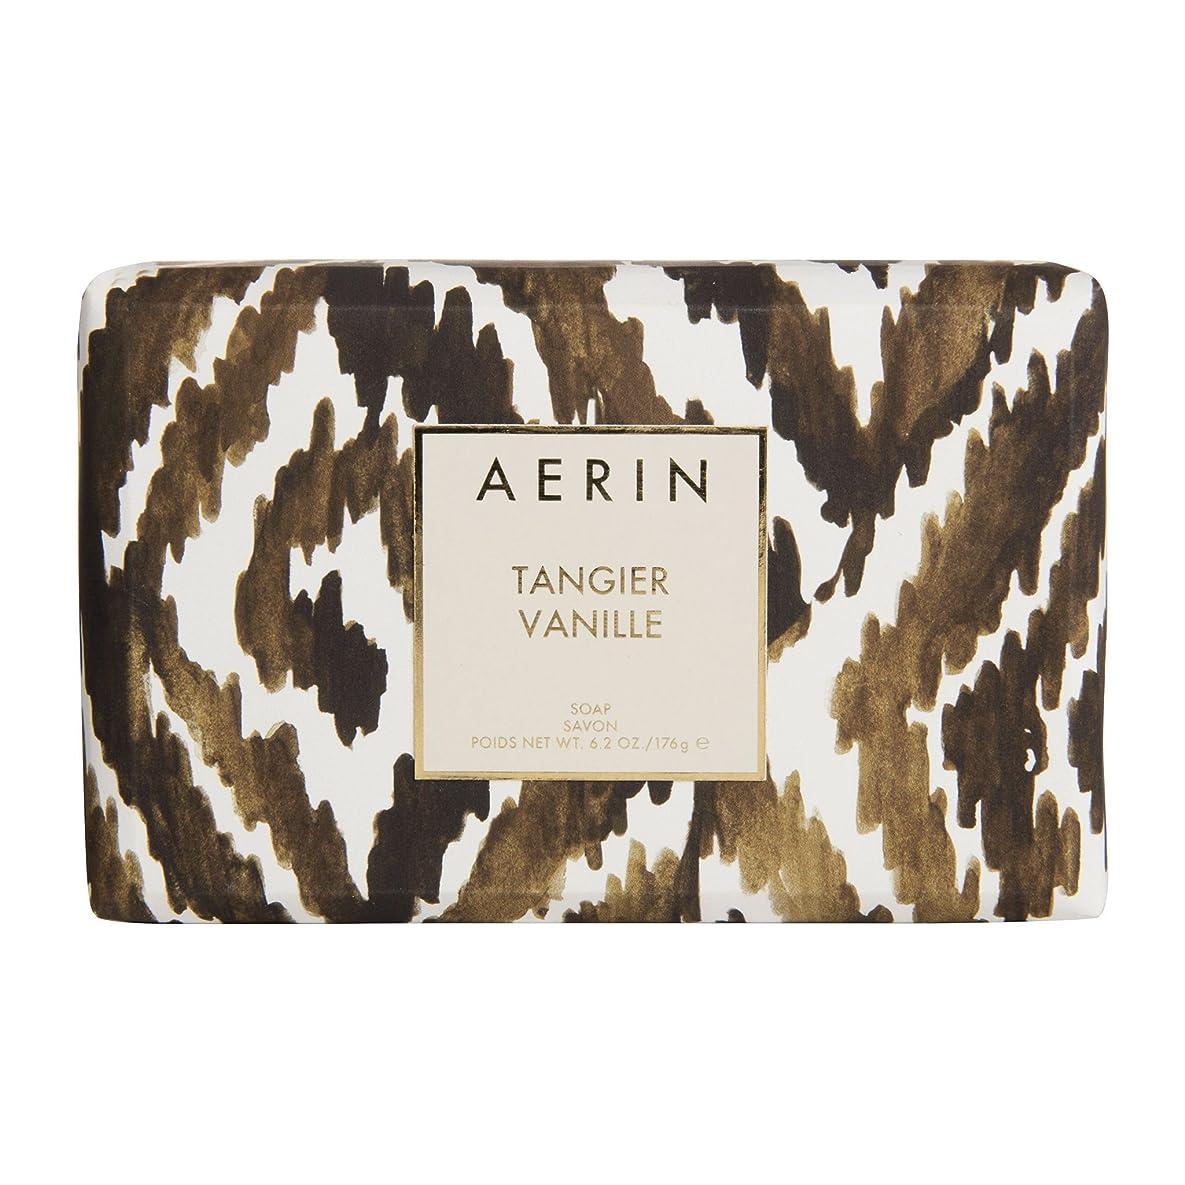 バッフル強度脅威AERIN Tangier Vanille (アエリン タンジヤー バニール) 6.2 oz (186ml) Soap 固形石鹸 by Estee Lauder for Women